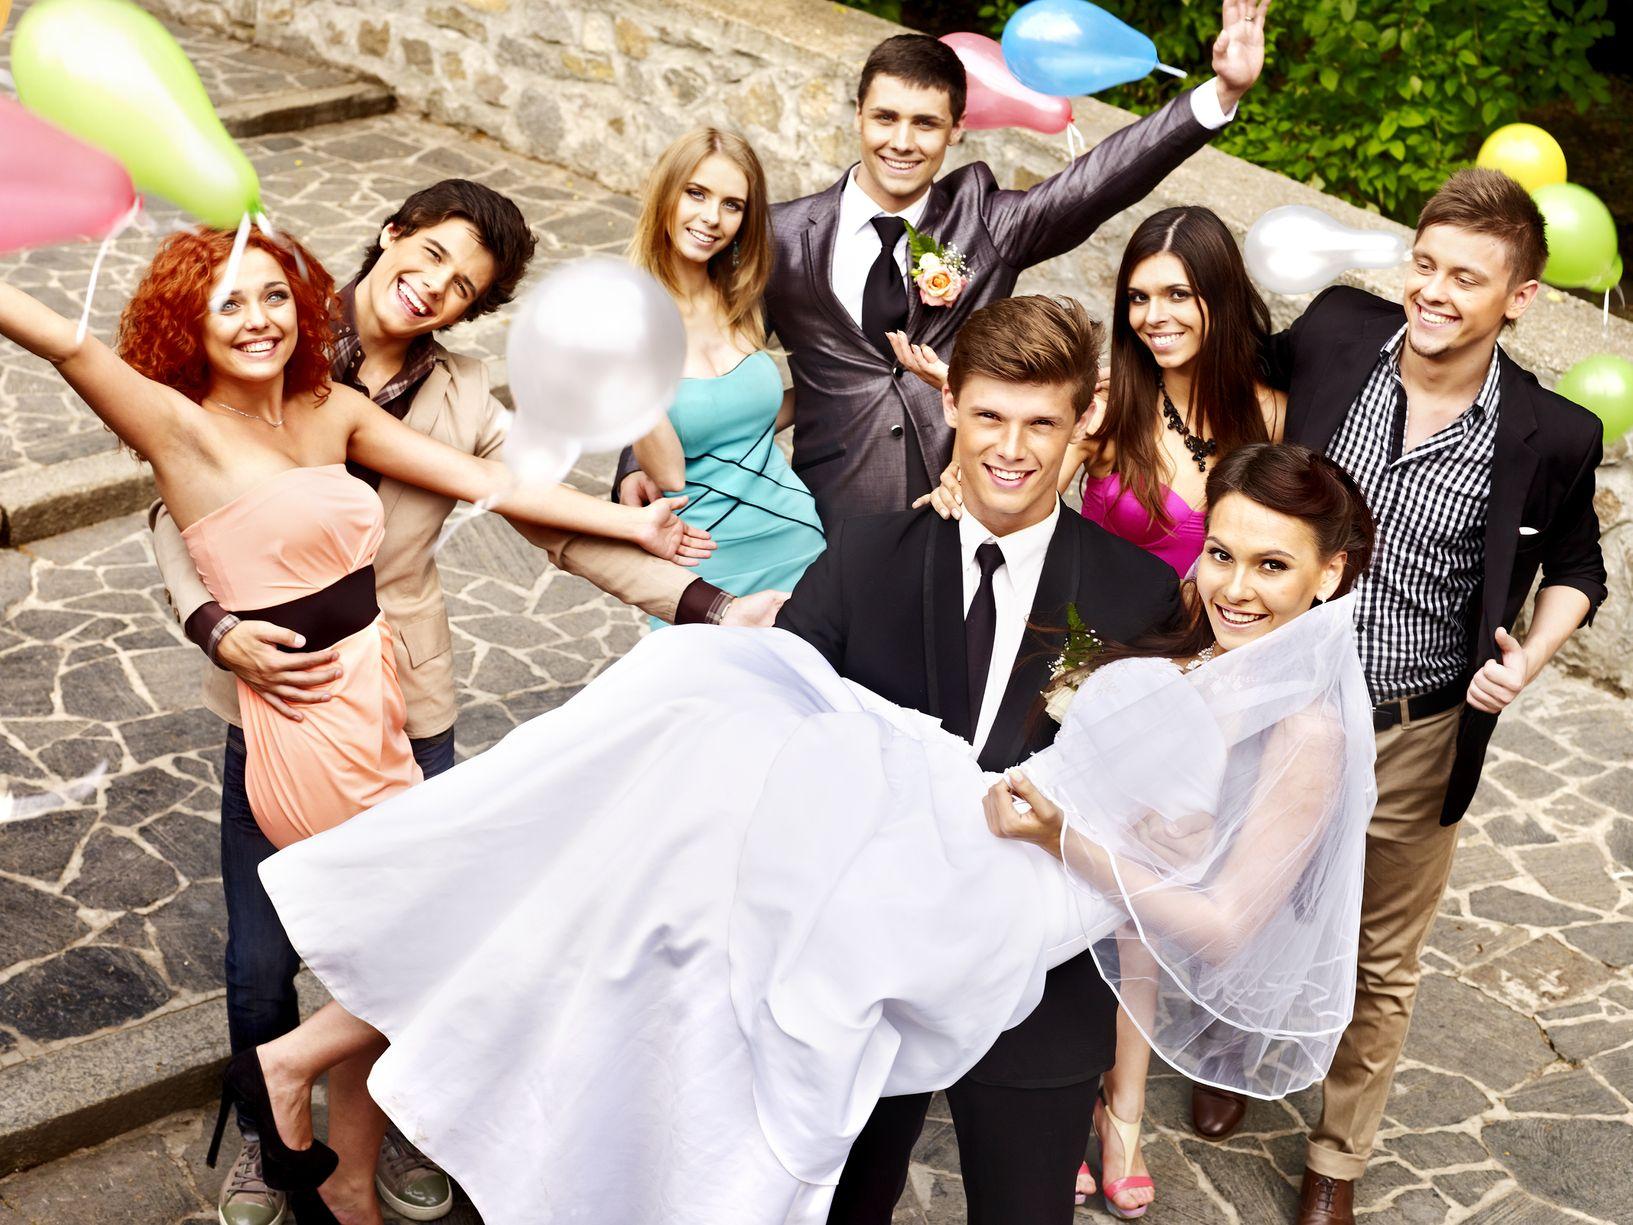 Застольные игрына свадьбу прикольные задания развлечения для семьи и друзей